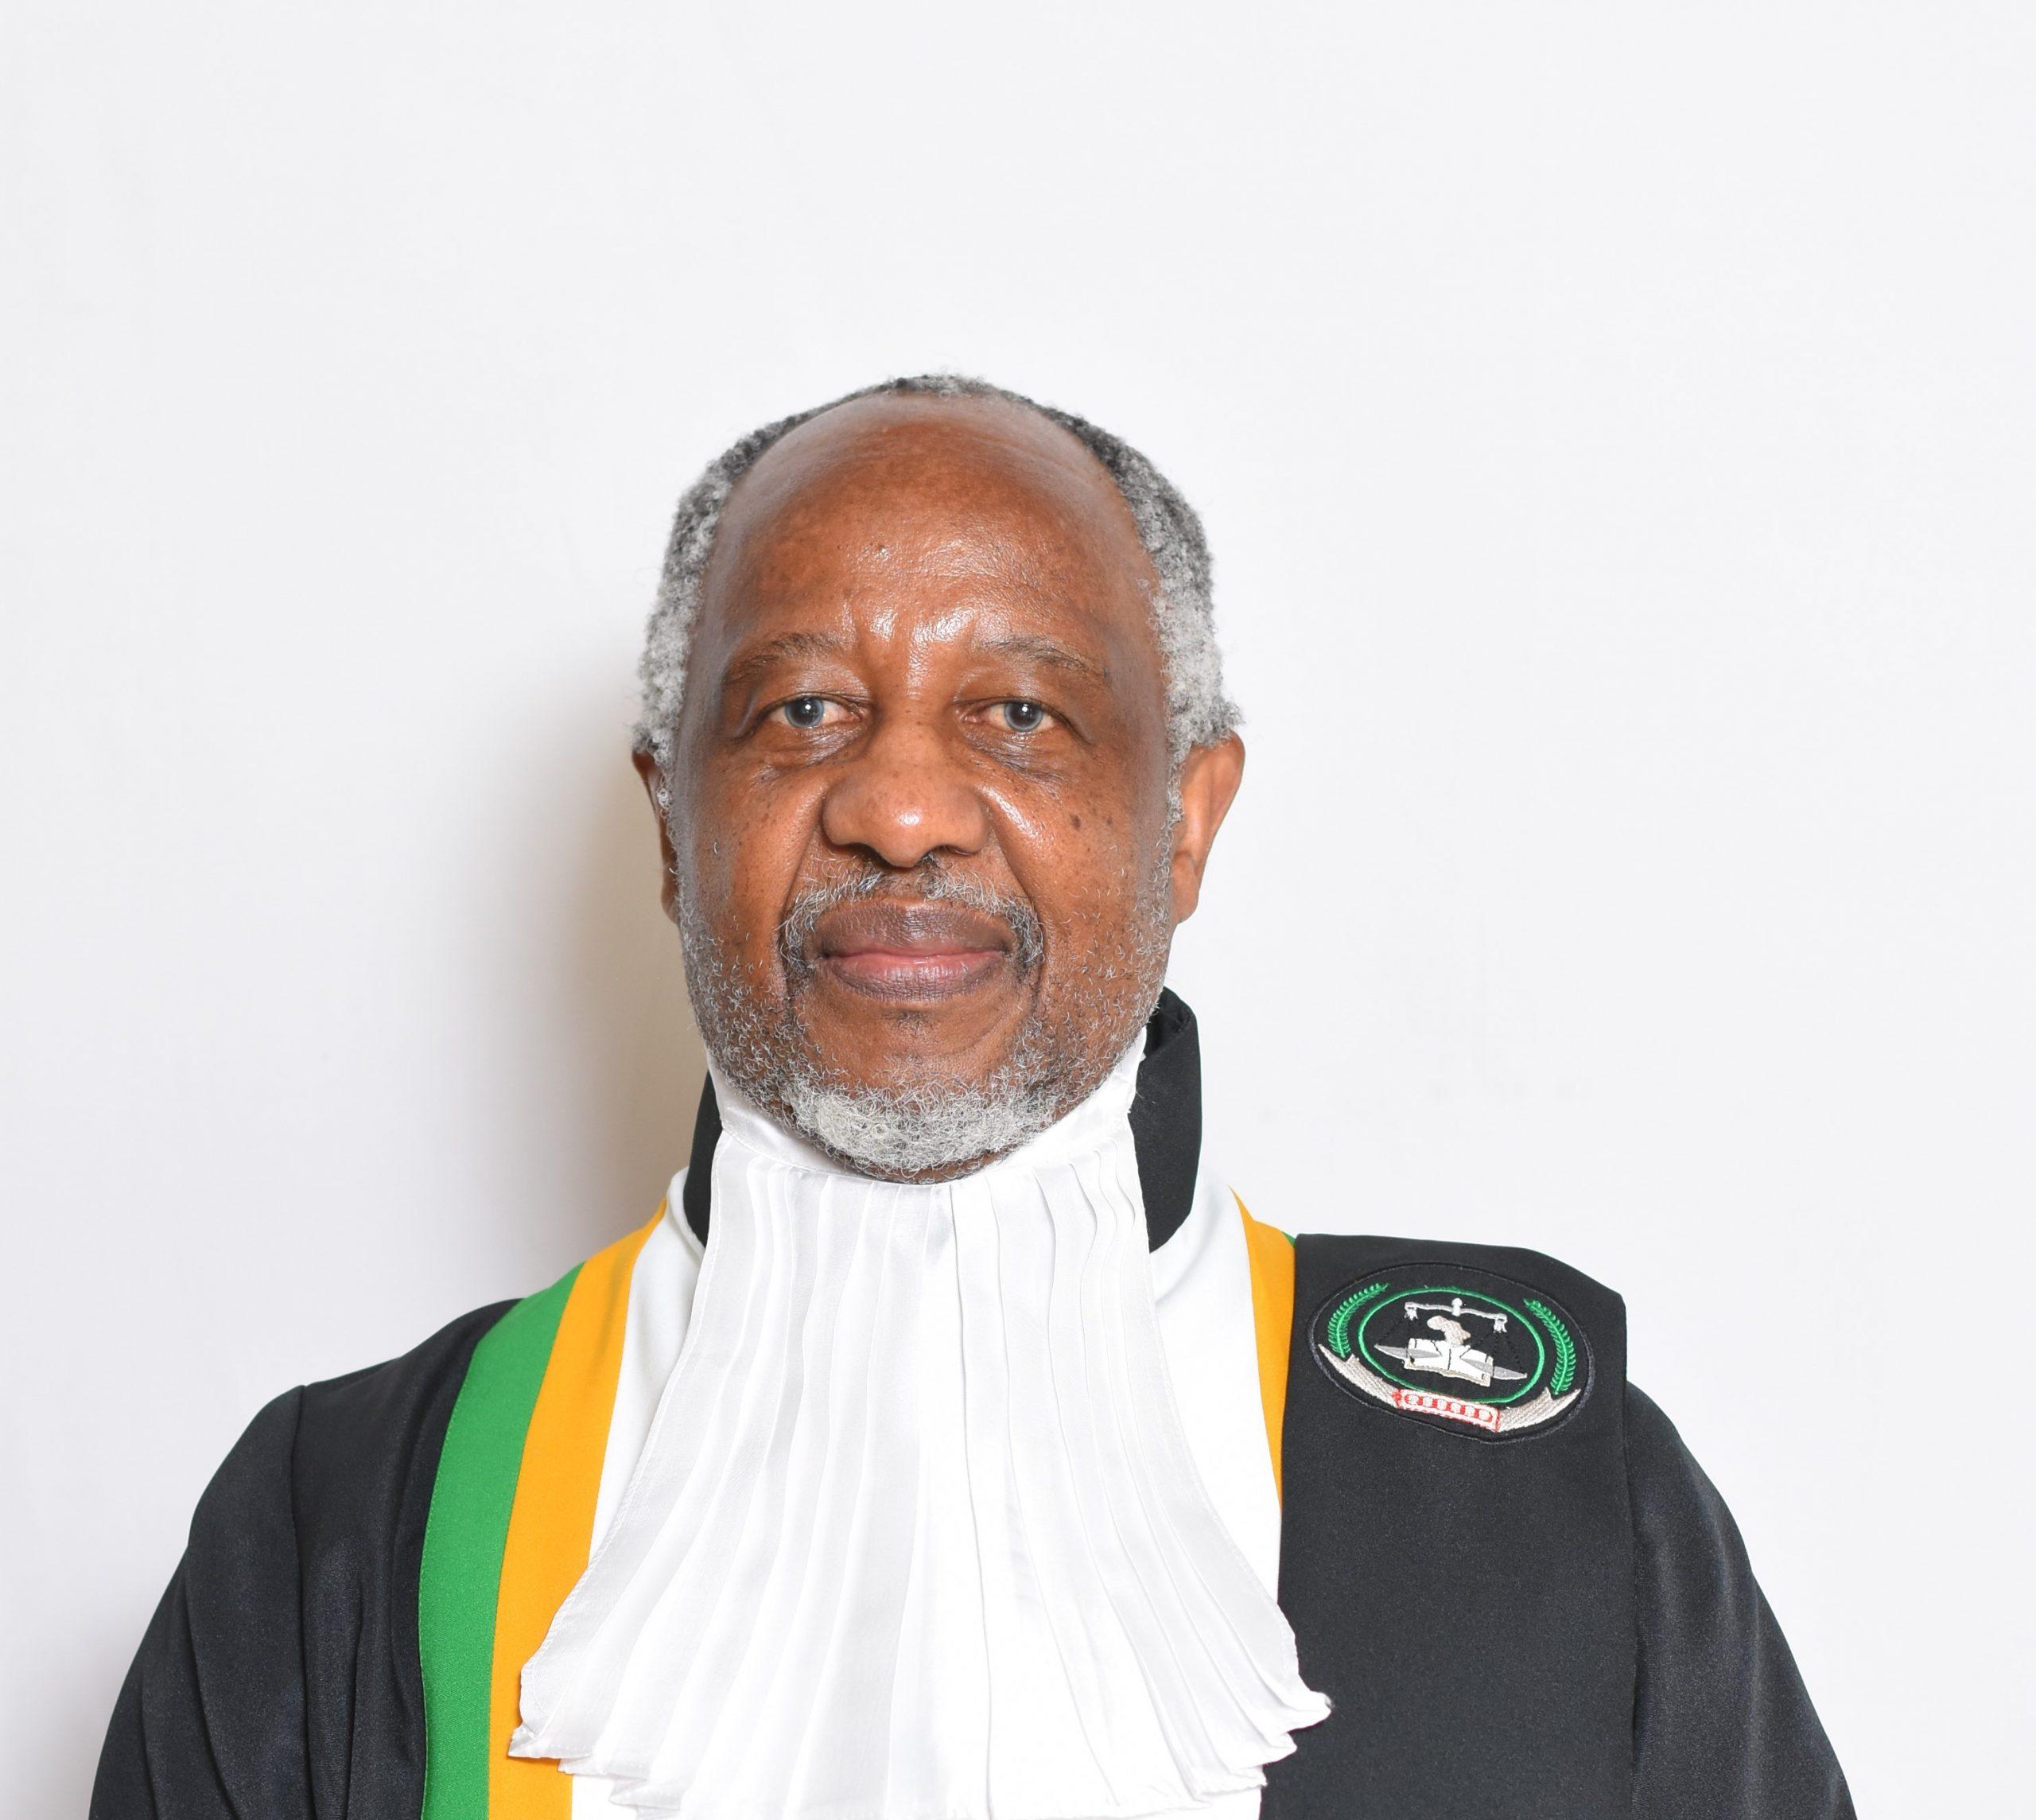 القاضي دوميزا نتسبيزا - جنوب إفريقيا